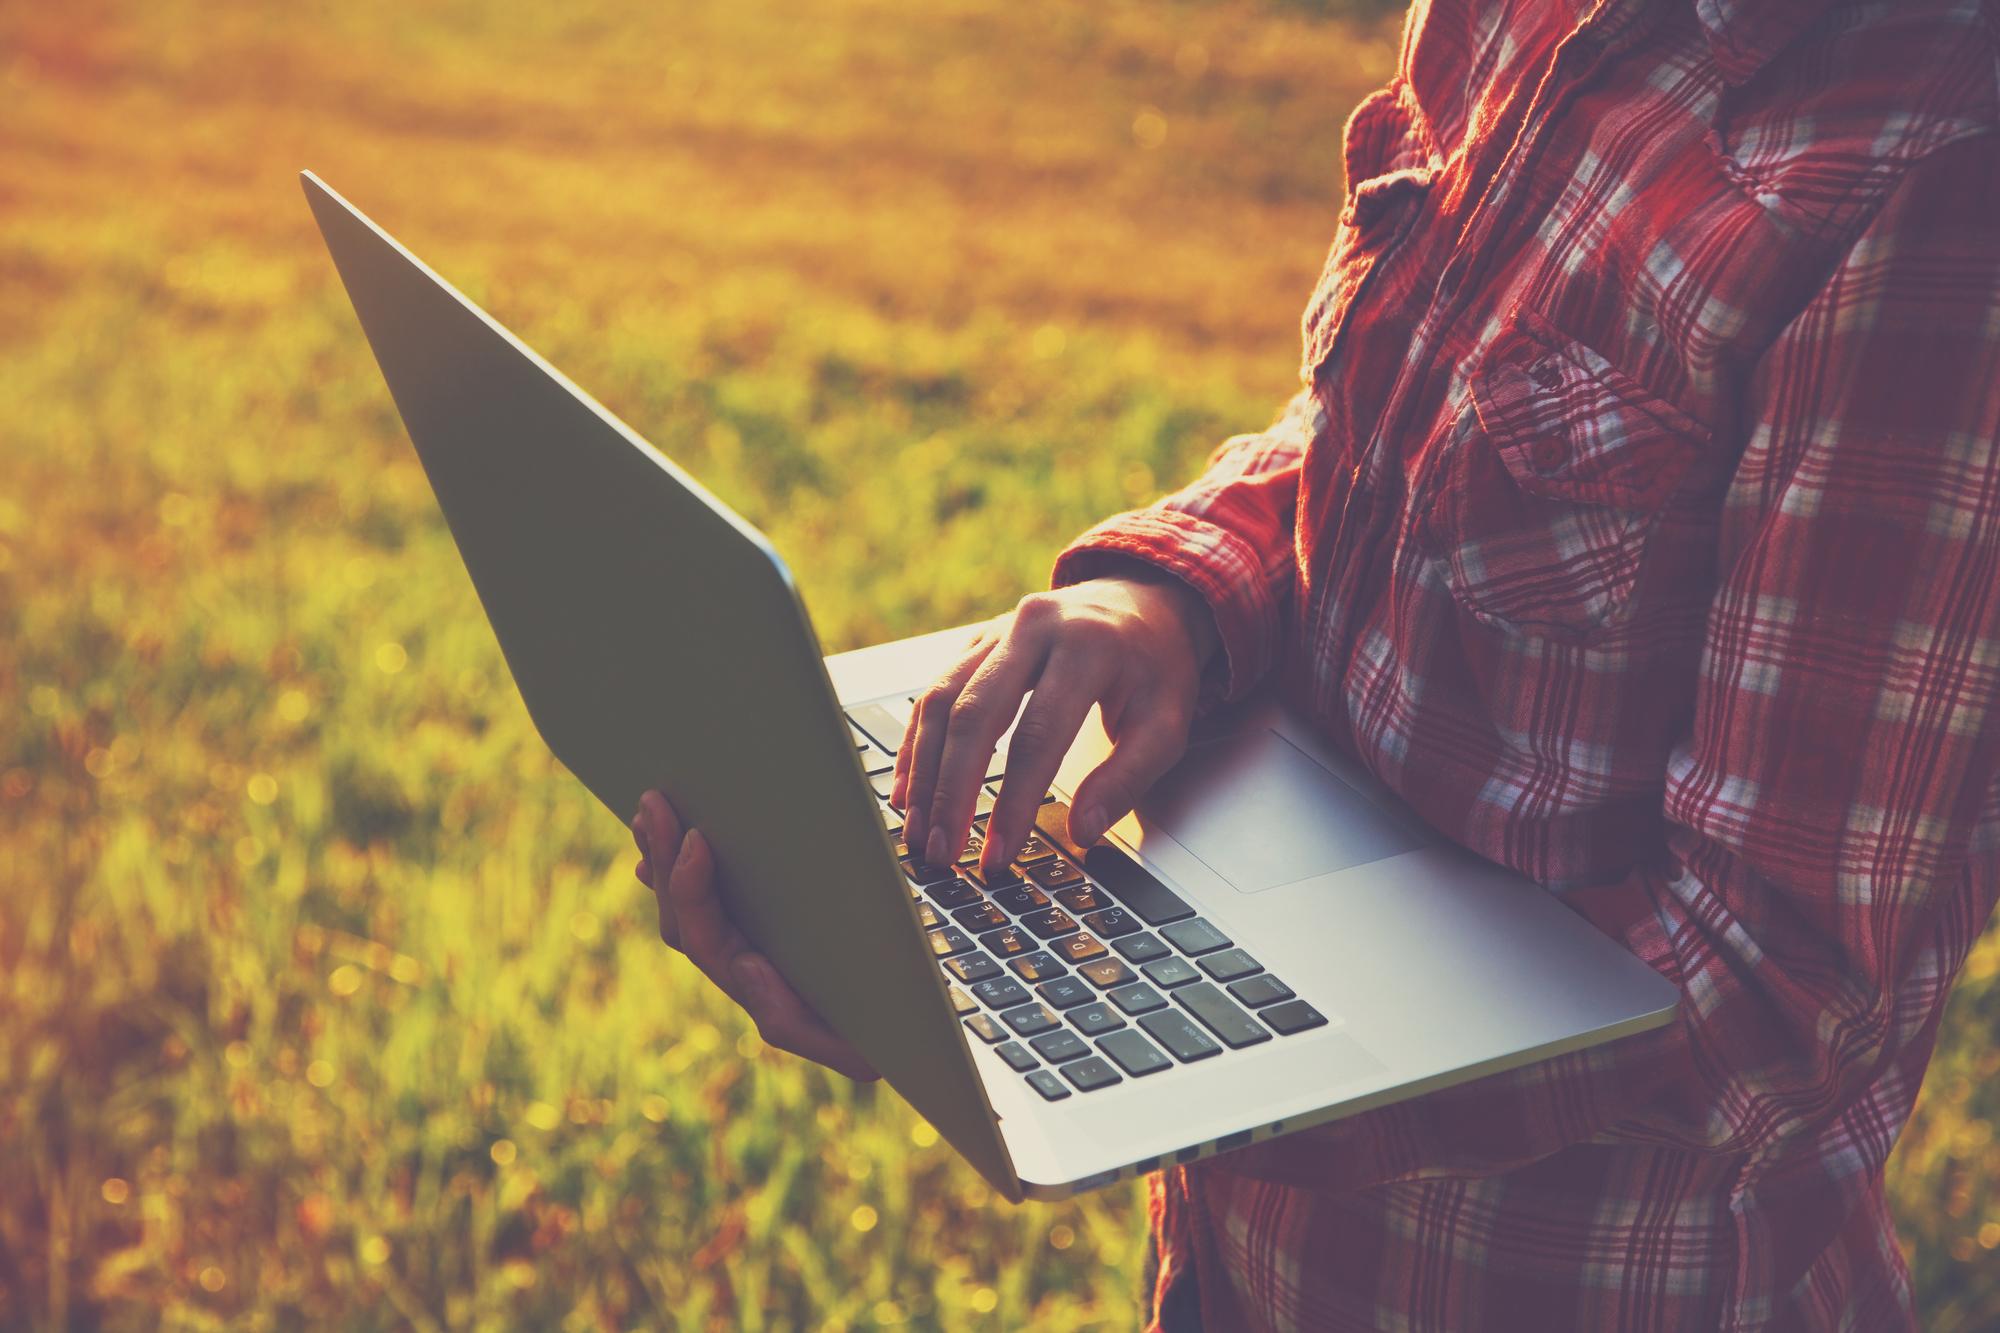 В Киеве начала работу бесплатная школа для будущих IT-шников